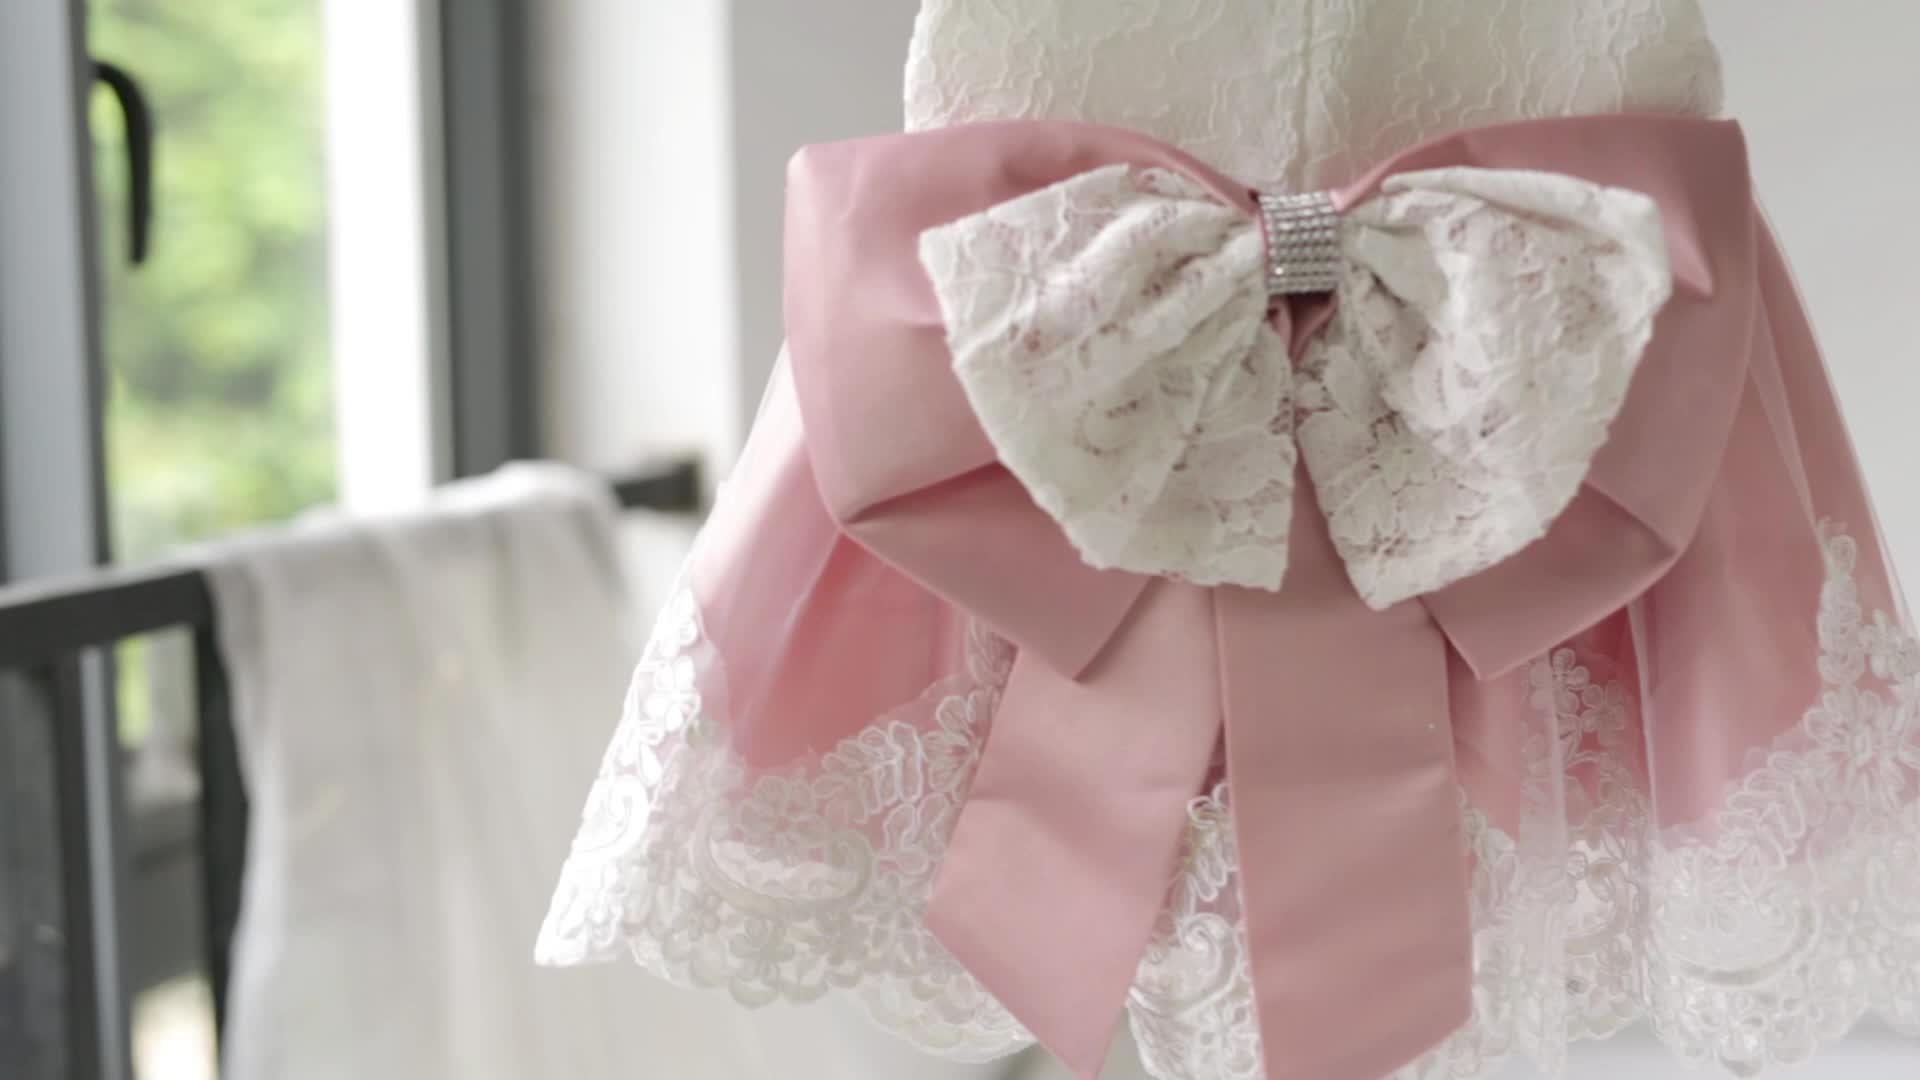 Toptan Bebek Elbise Yay ile Yenidoğan Kızlar Prenses Doğum Günü Partisi Pembe Elbiseler süslü elbise Bebek Kız Vaftiz Elbisesi Beyaz Elbise